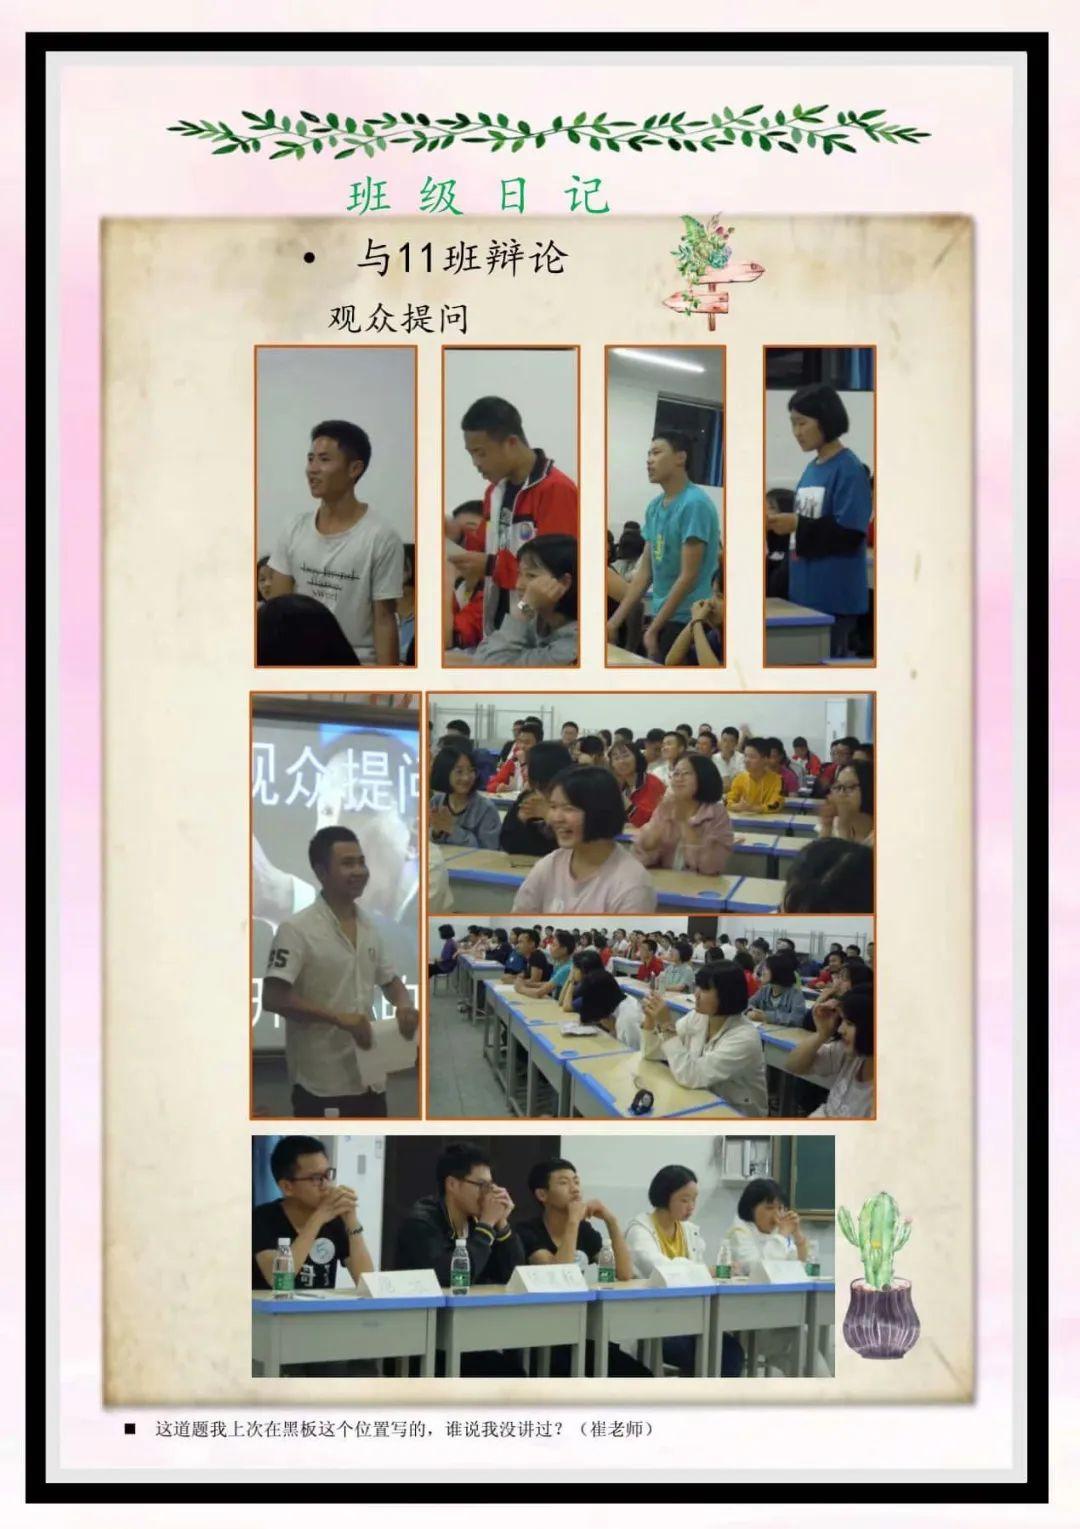 再见,云涛之家—叙永三中17级10班毕业纪念 叙永三中 第40张